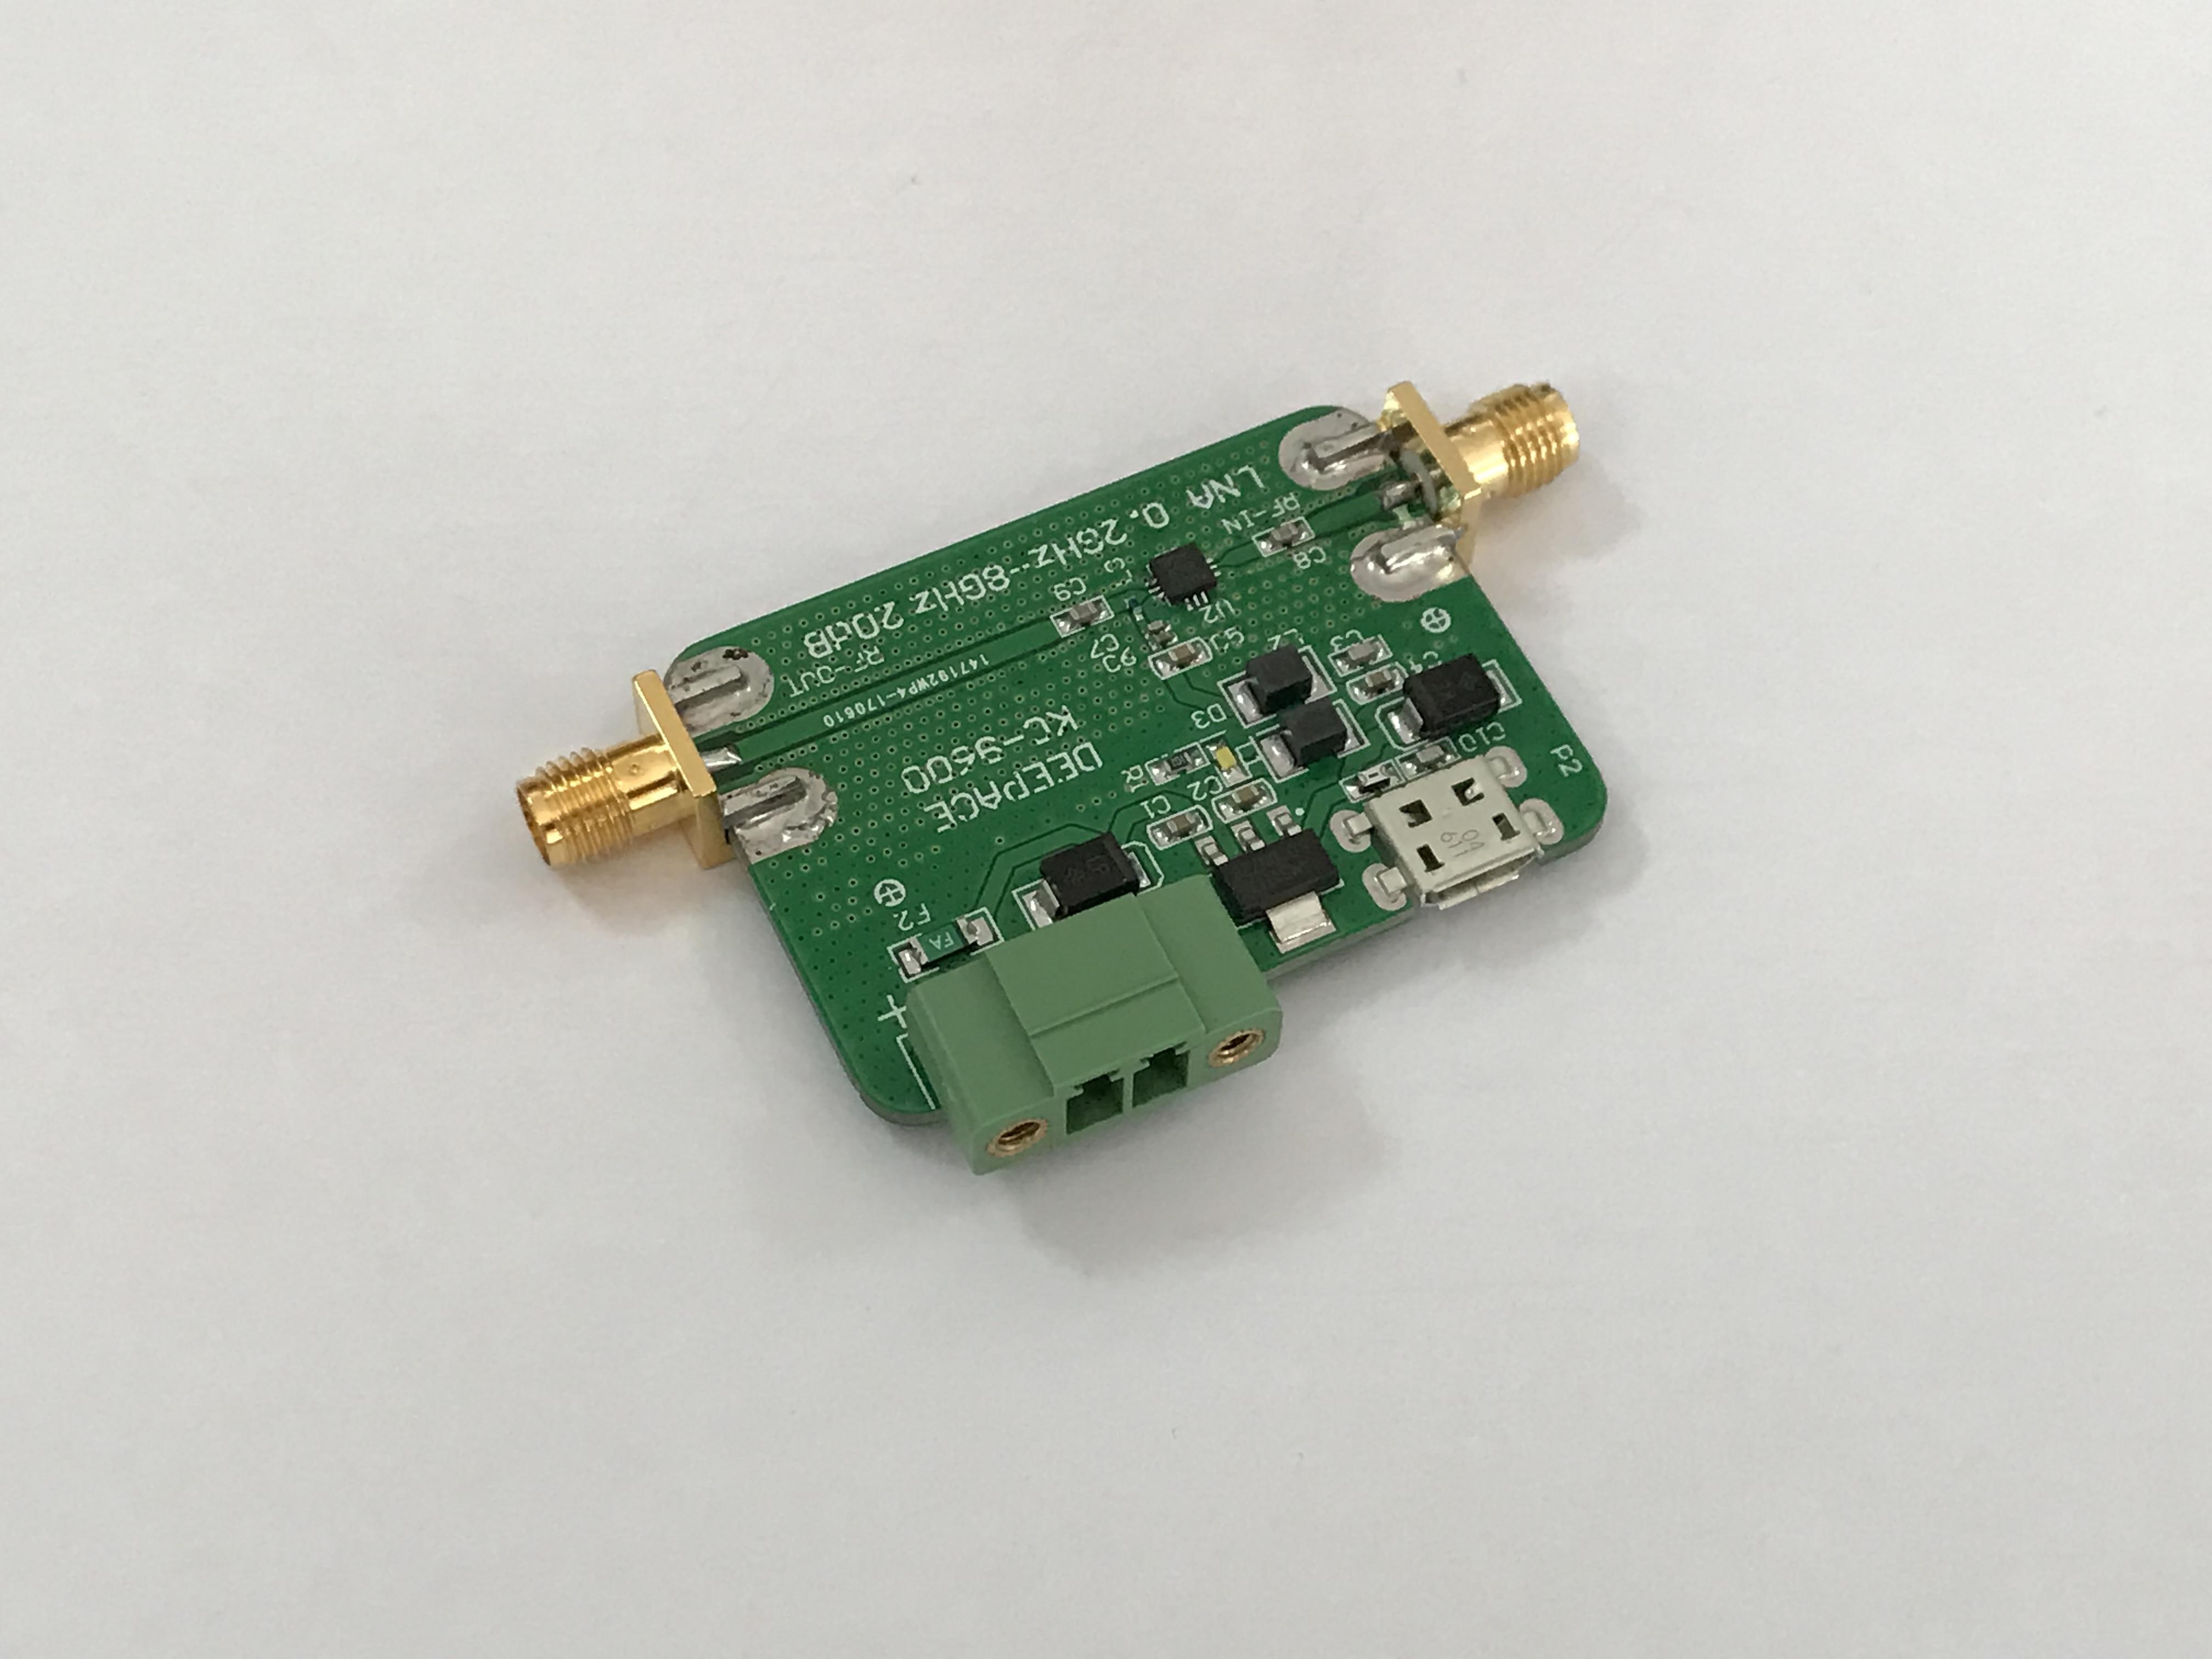 For 6GHz Low Noise Amplifier RF Low Noise Amplifier Preamplifier LNA 20dB